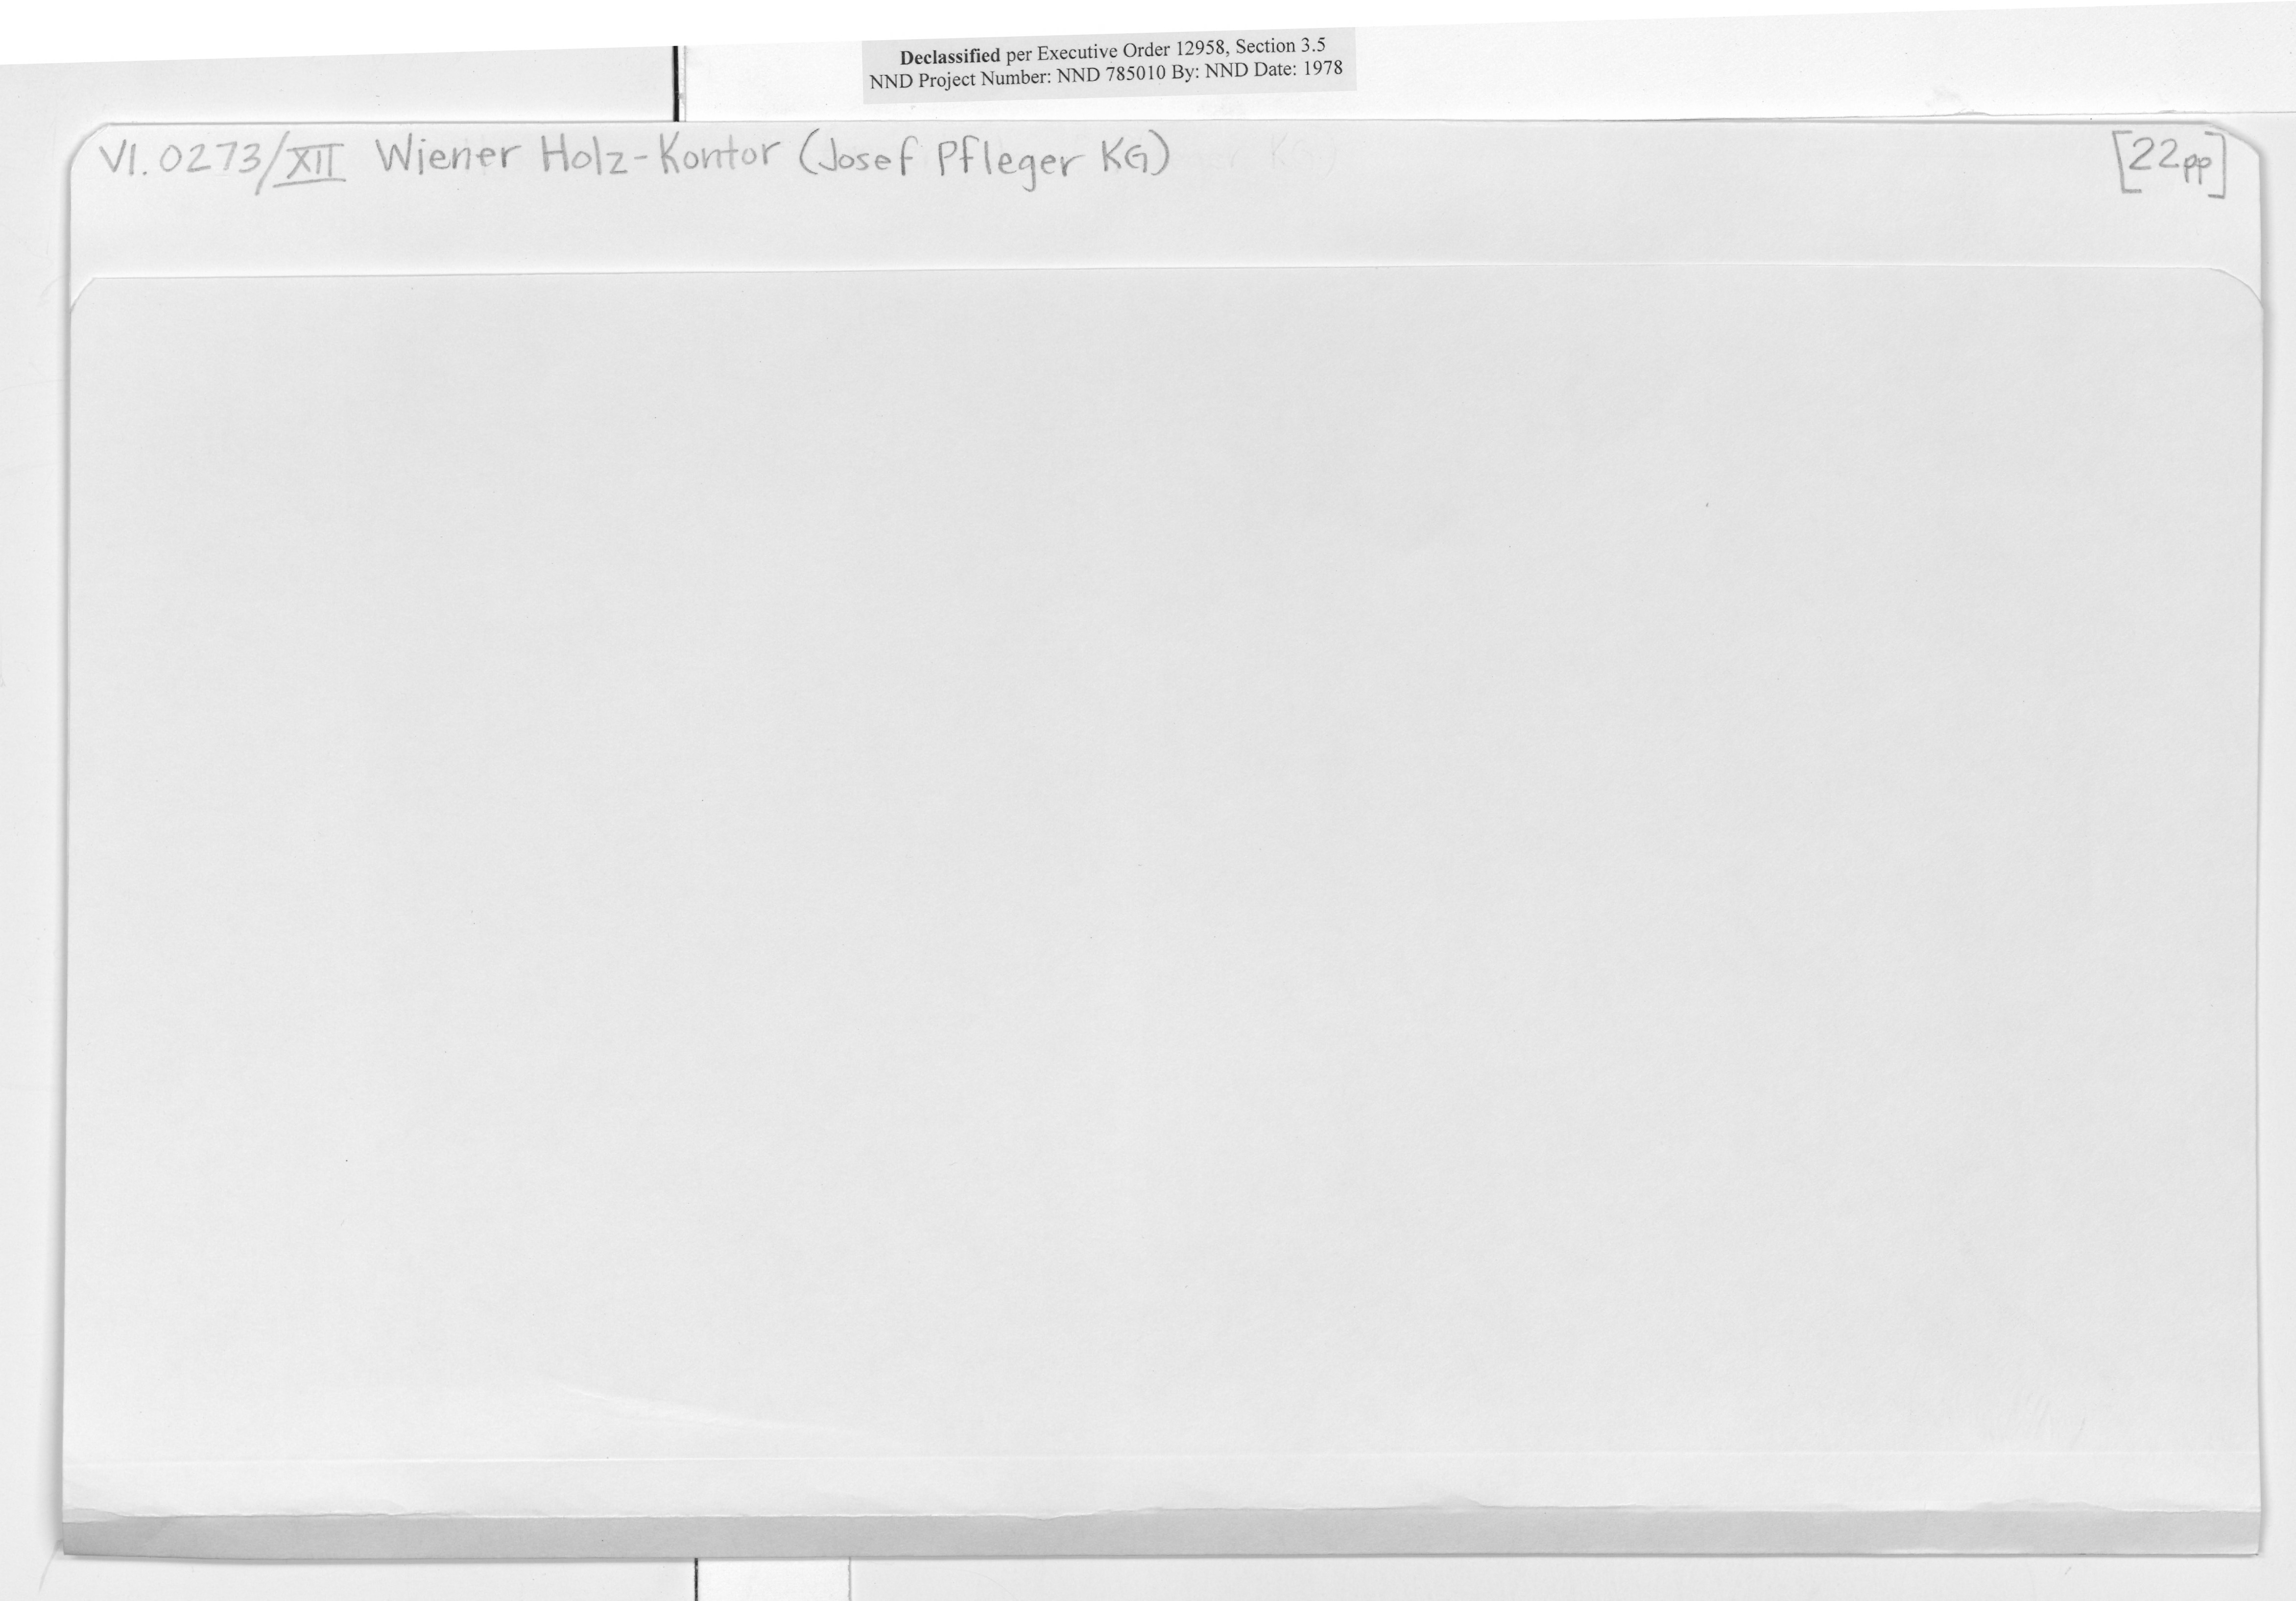 V1.0273/XII Wiener Holz-Kontor (Josef Pfleger KG)